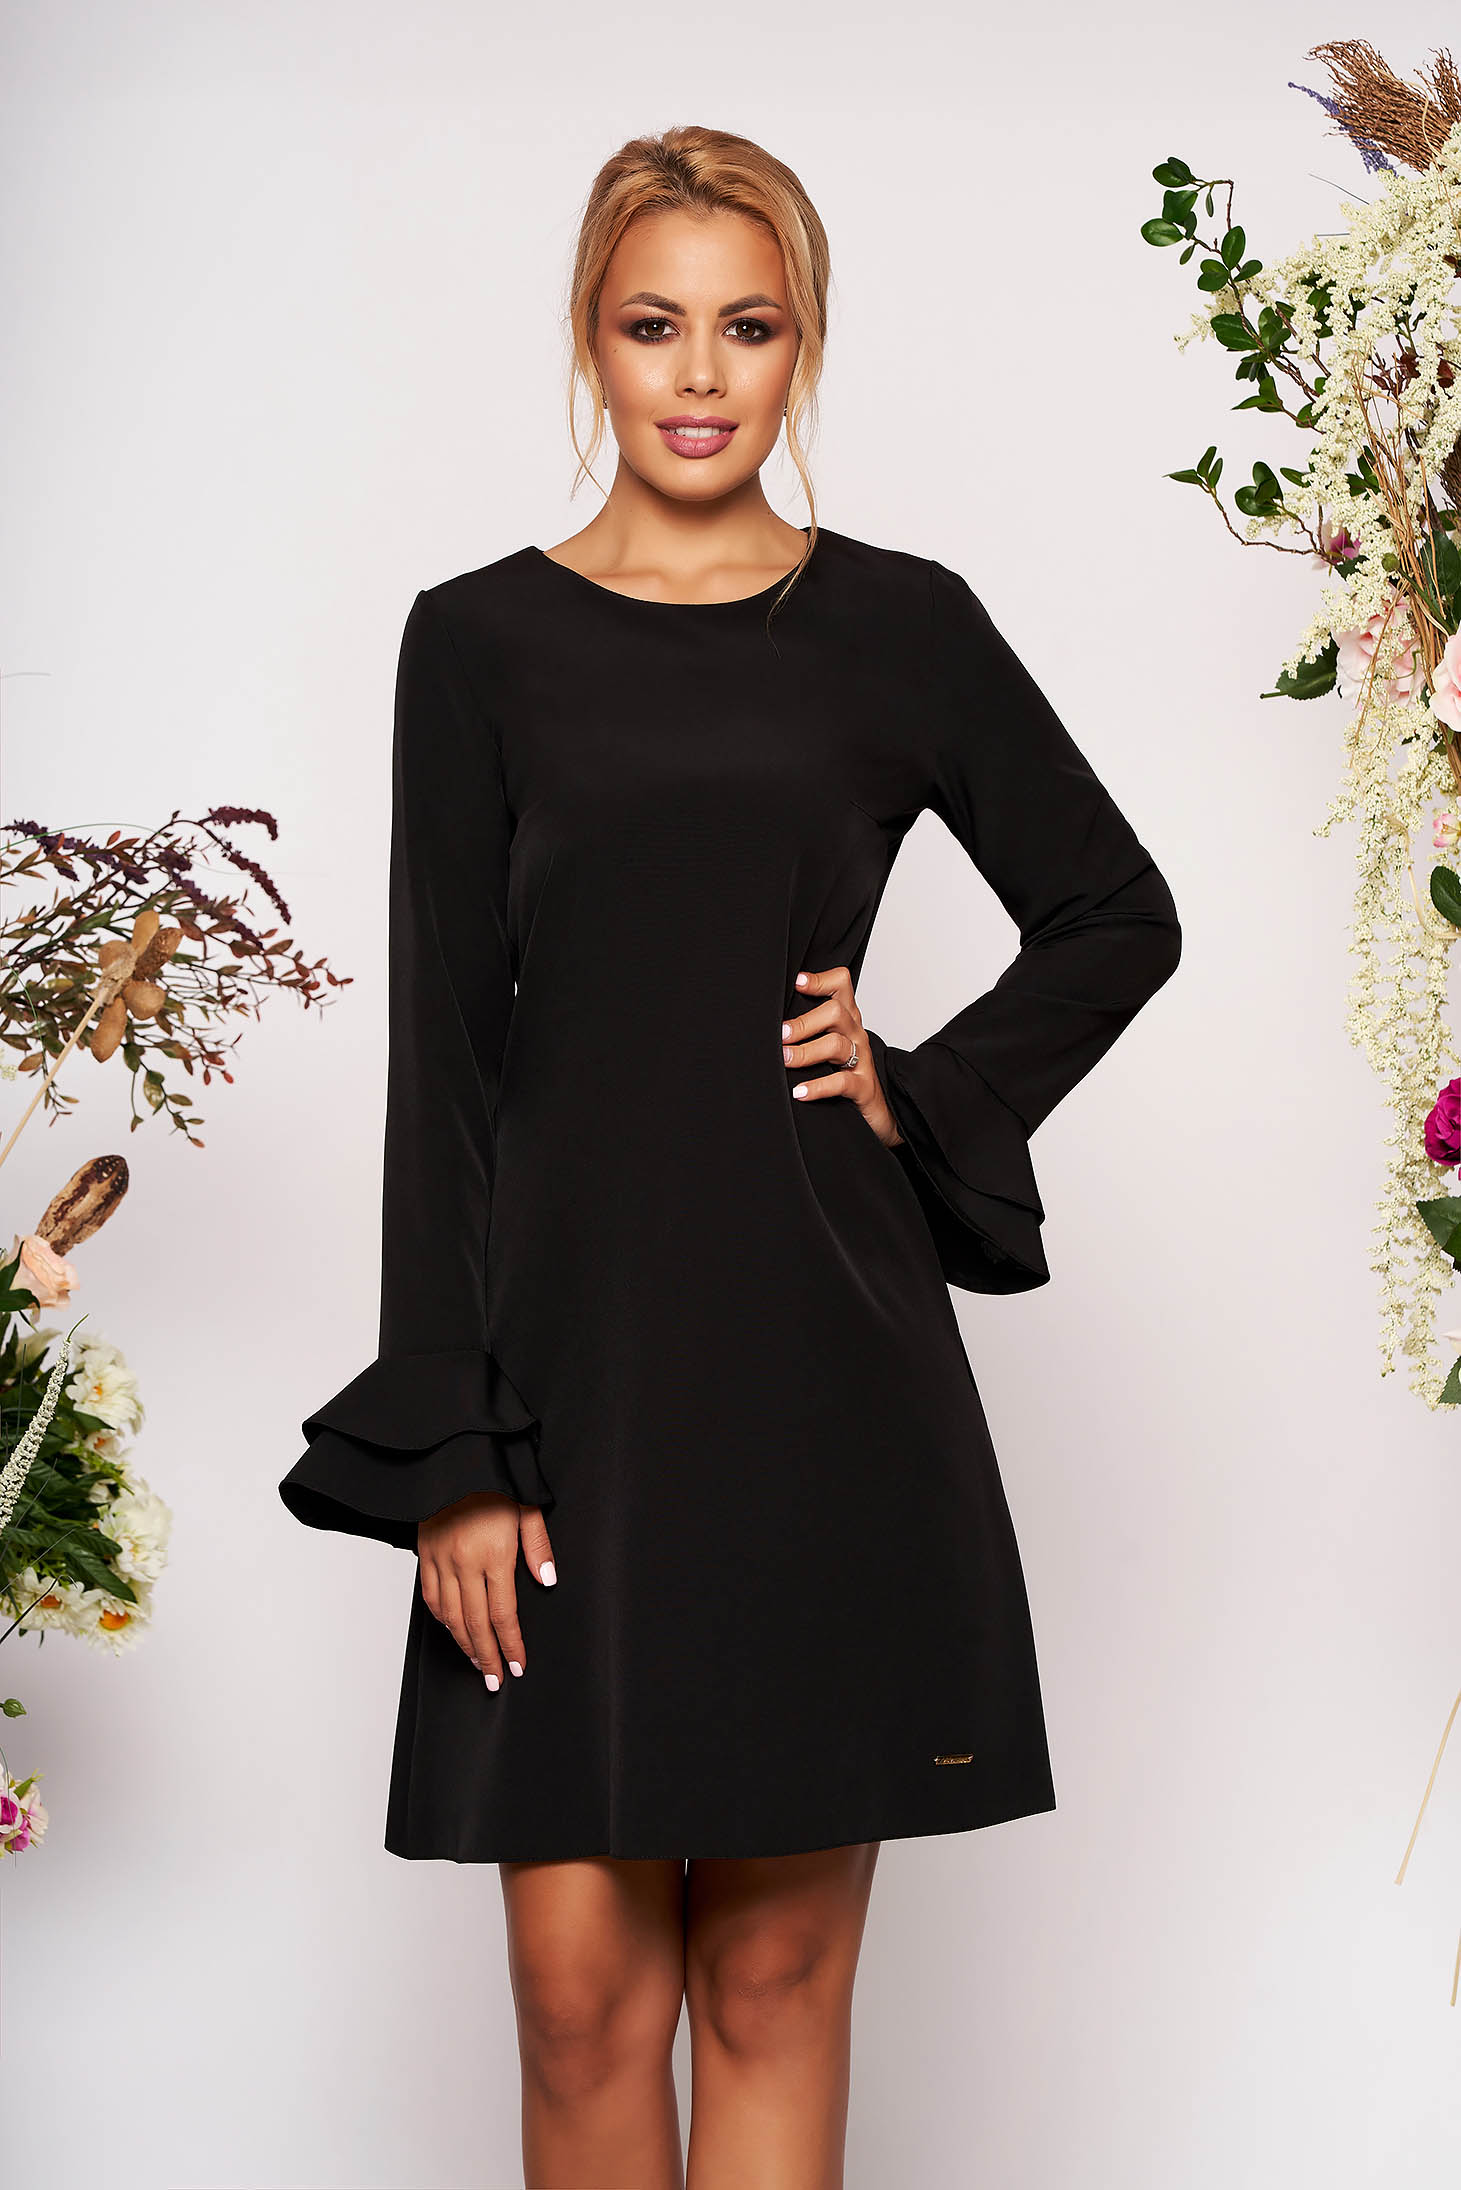 Rochie neagra scurta eleganta cu croi in a decolteu la baza gatului cu buzunare cu maneci lungi tip clopot